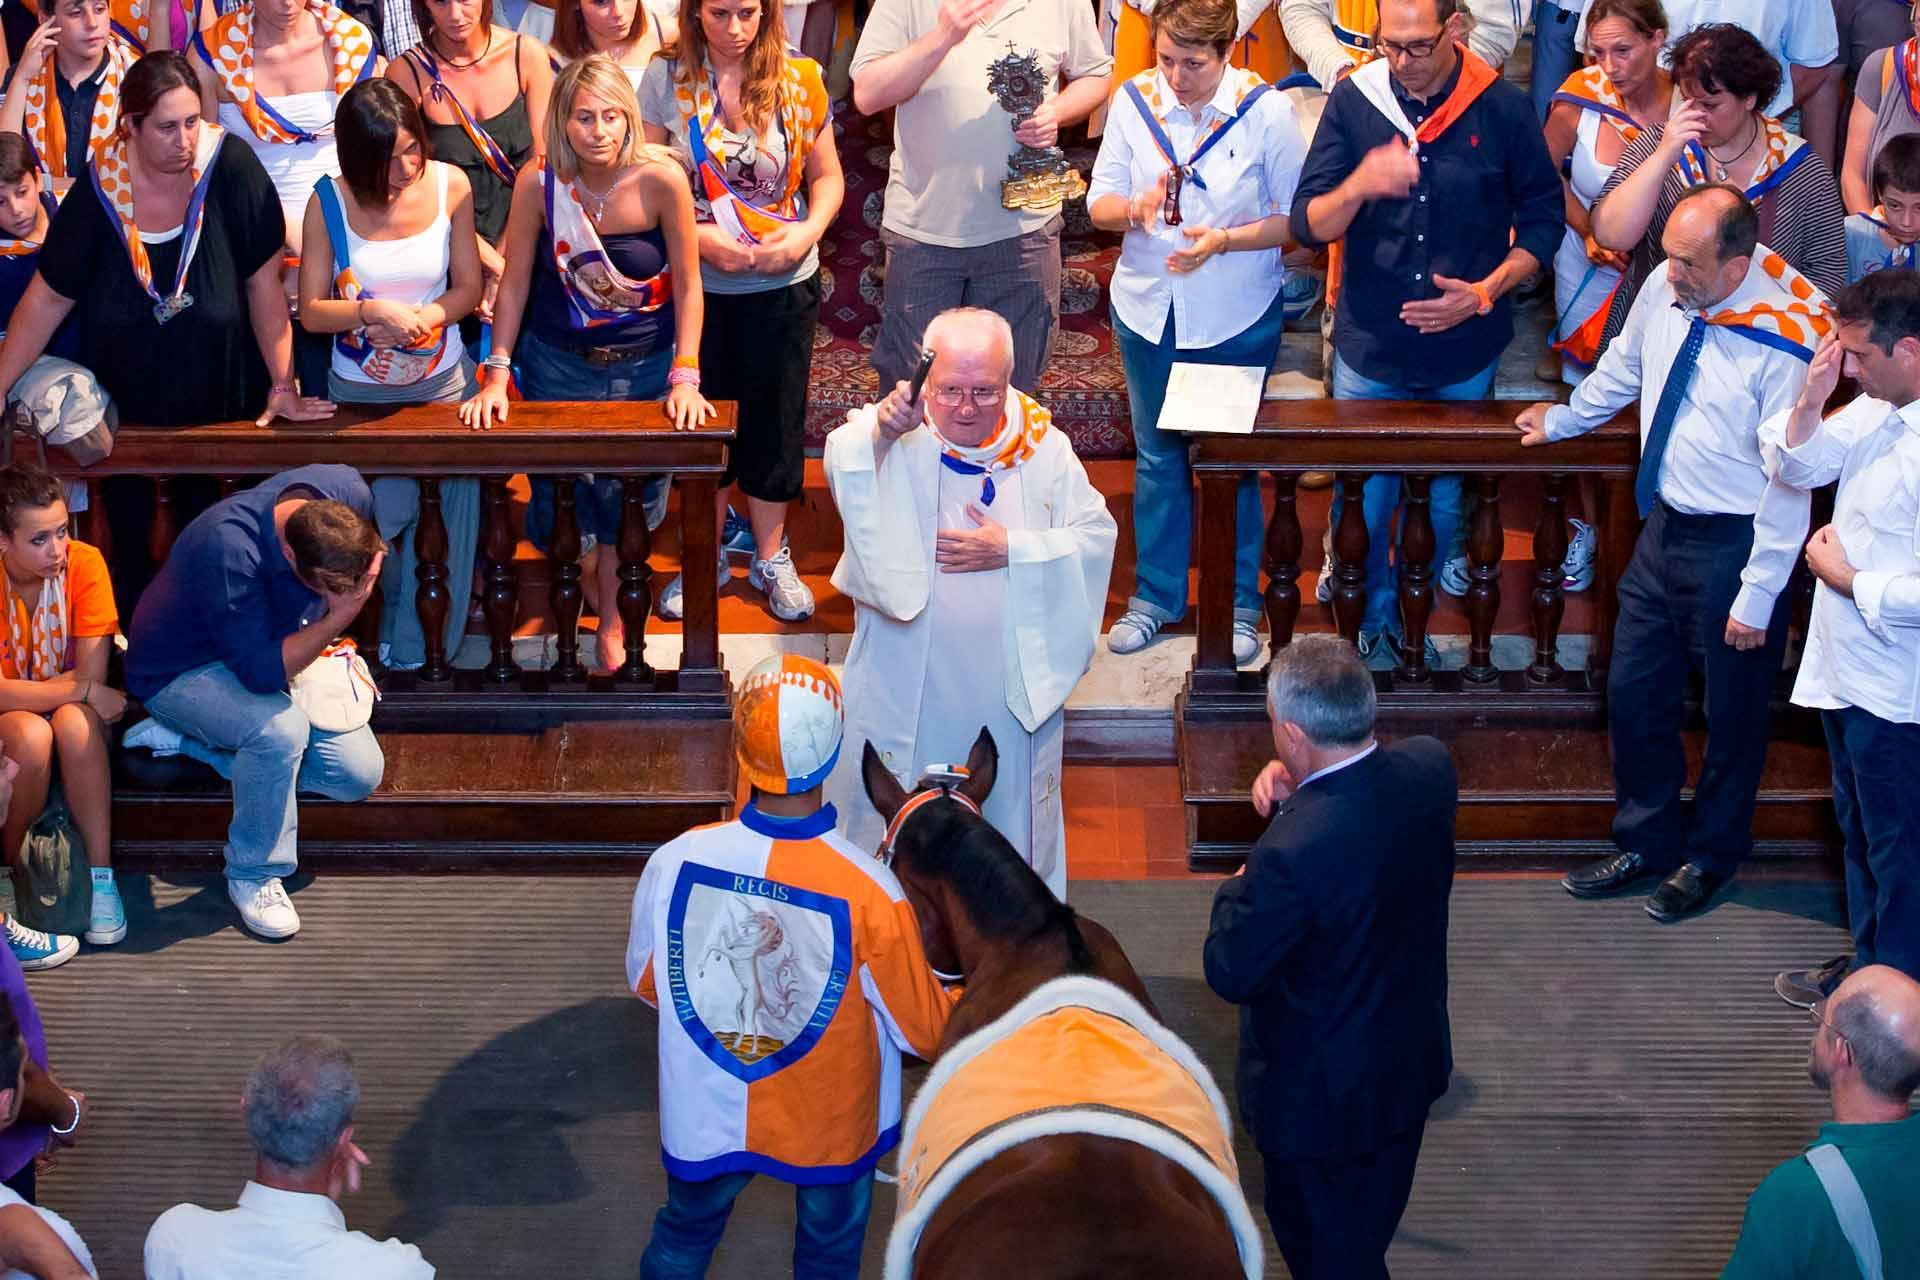 THE BLESSING OF THE ?BARBERO? ? Dentro la chiesa riceveranno dalle mani del sacerdote, la benedizione del Santo Patrono, affinch? entrambi vengano preservati dai pericoli e dalle insidie della corsa.